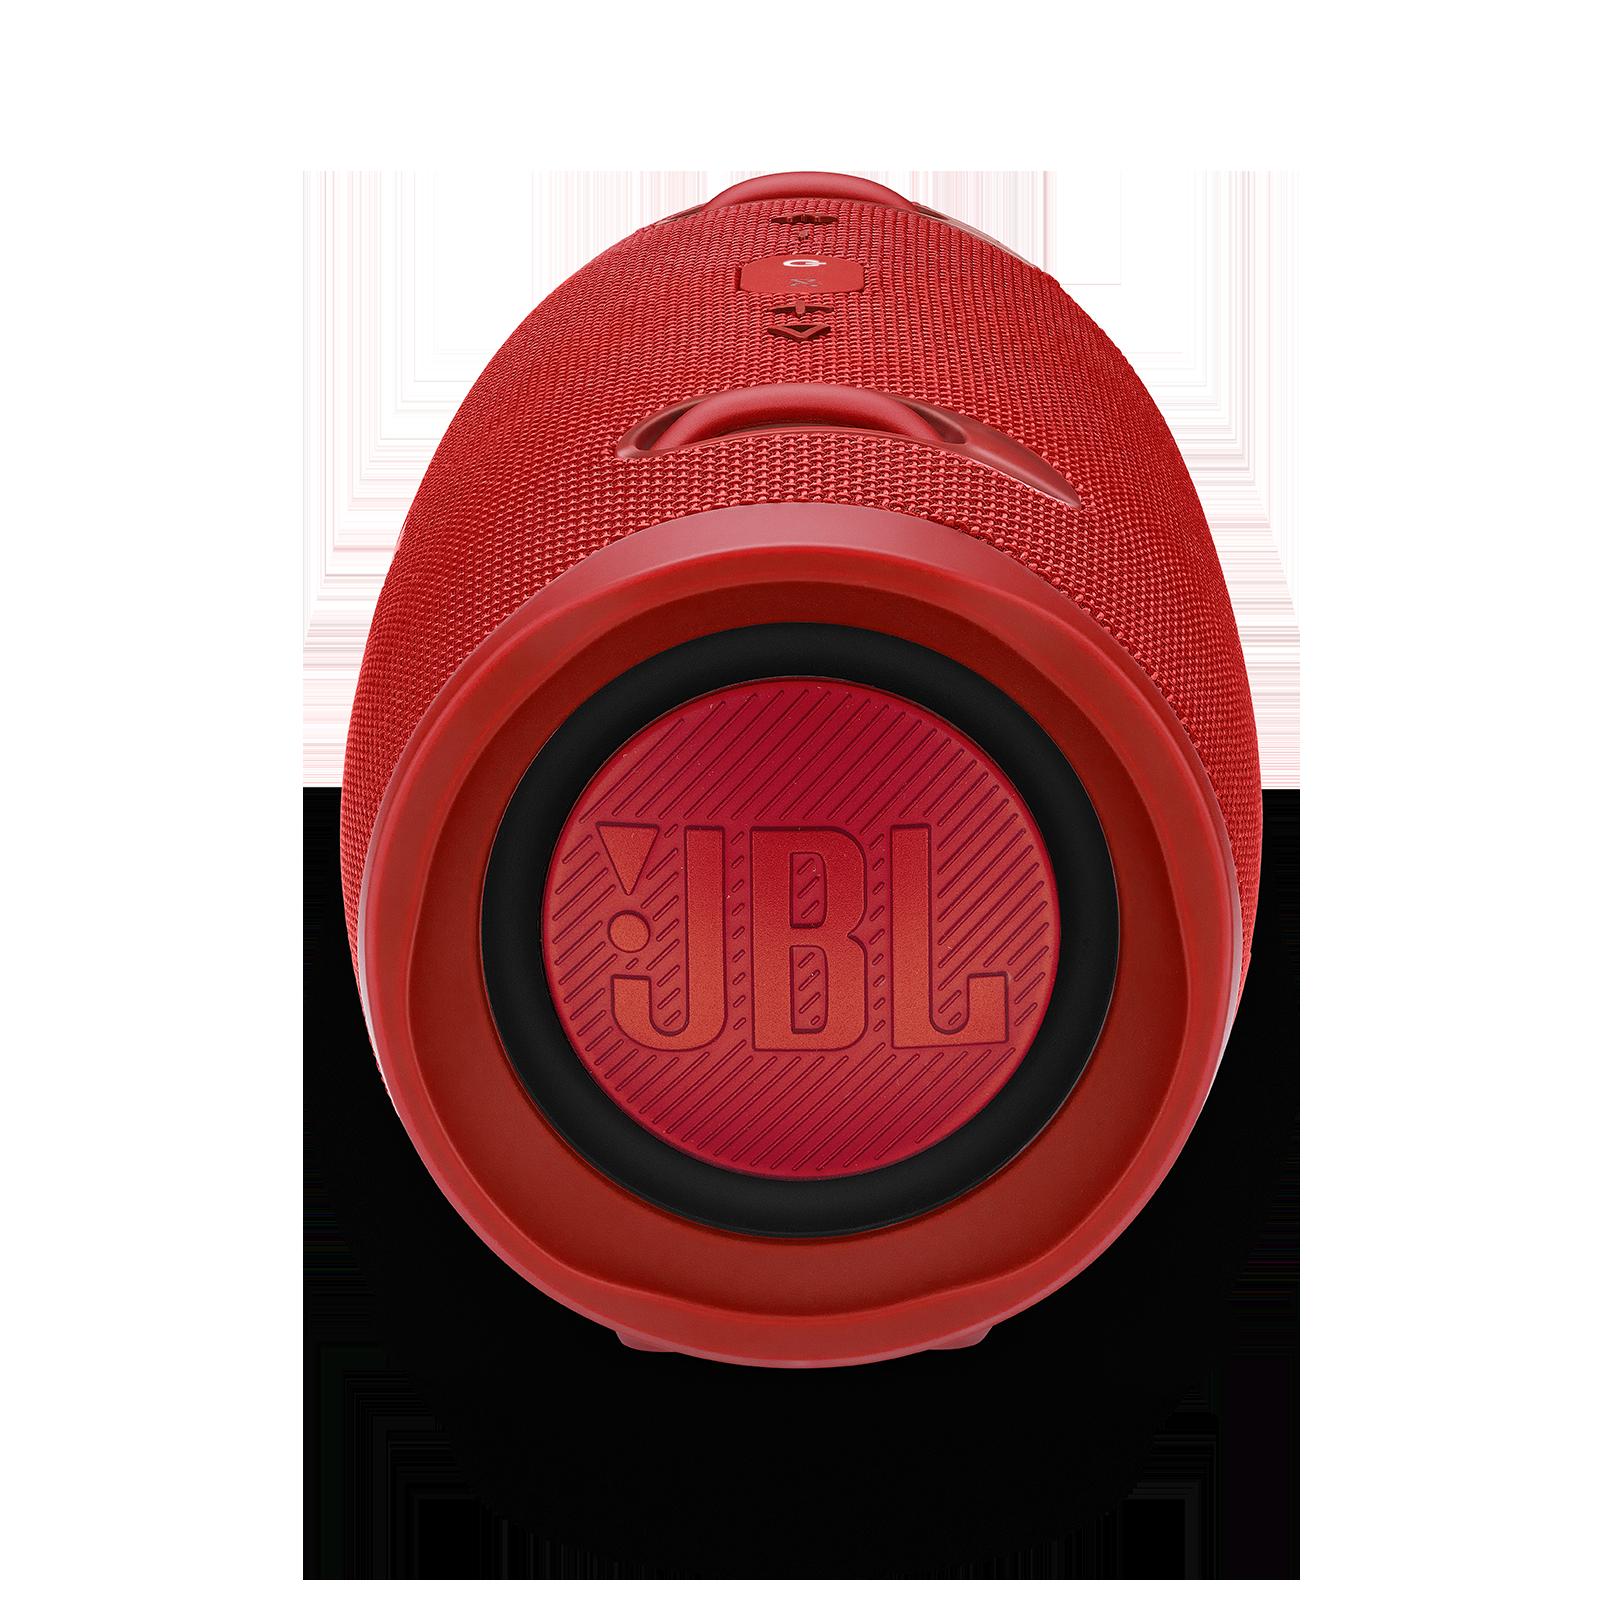 JBL Xtreme 2 - Red - Portable Bluetooth Speaker - Detailshot 3